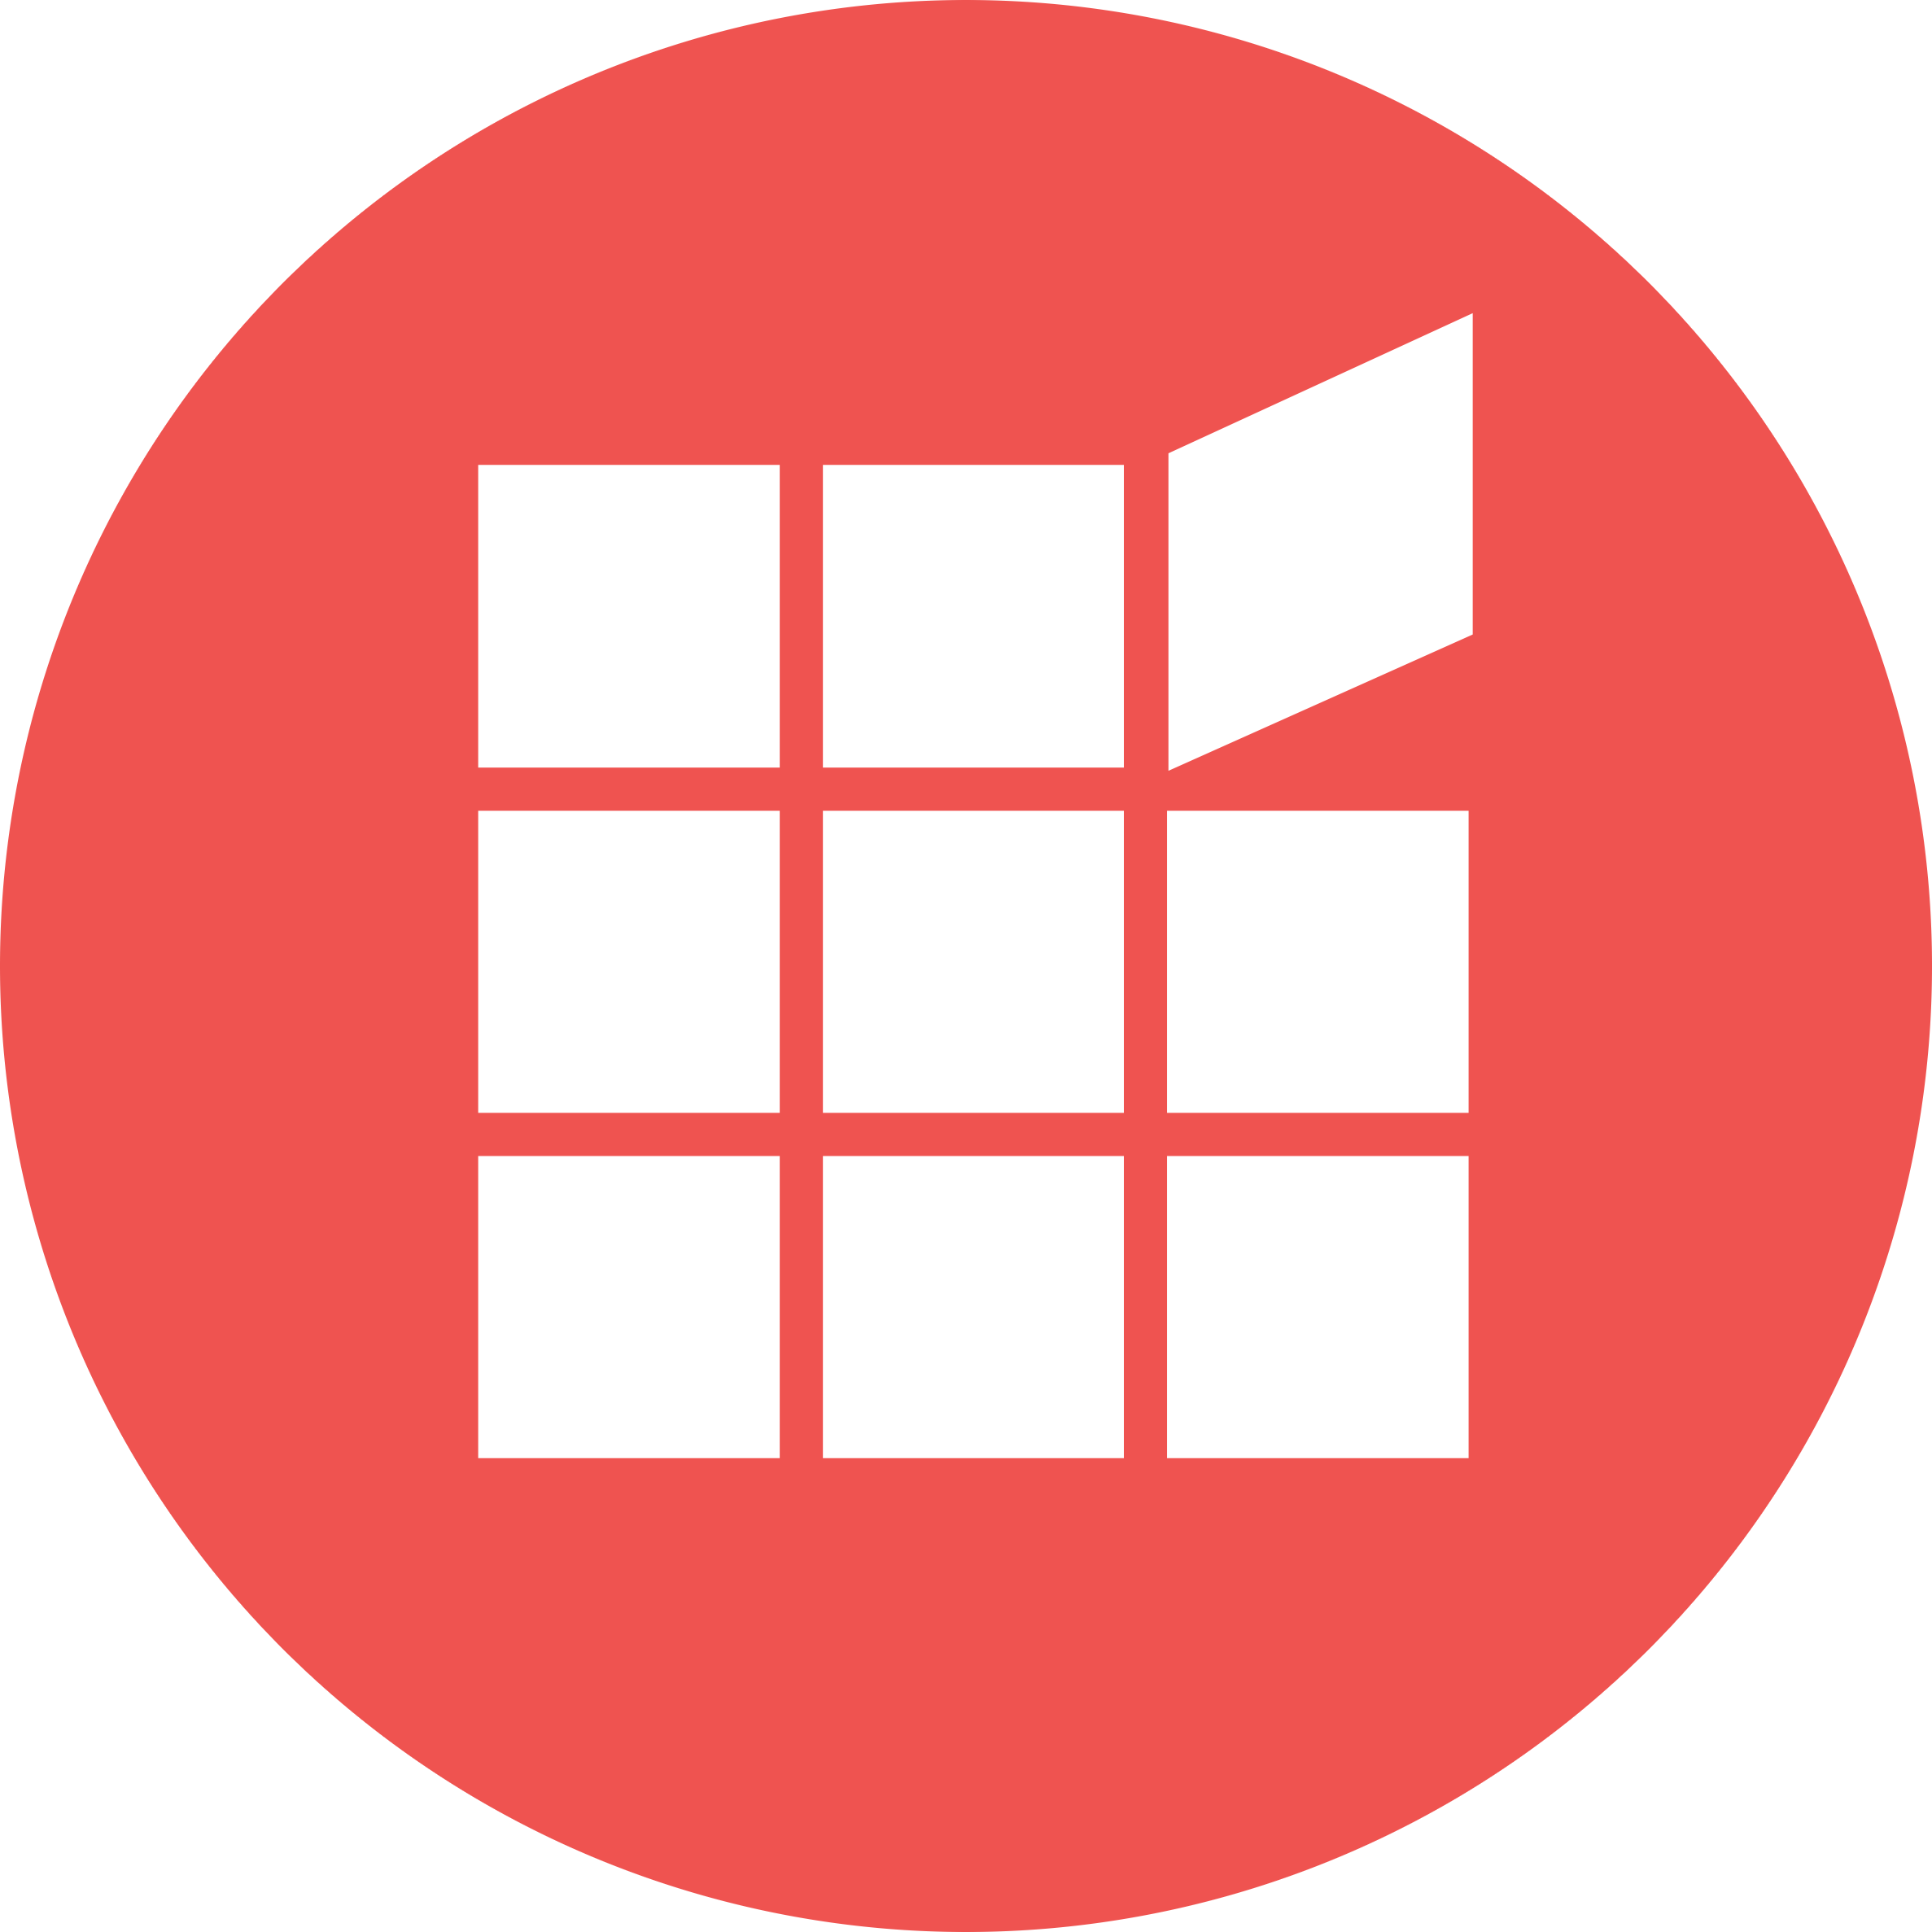 marketsquare-icon